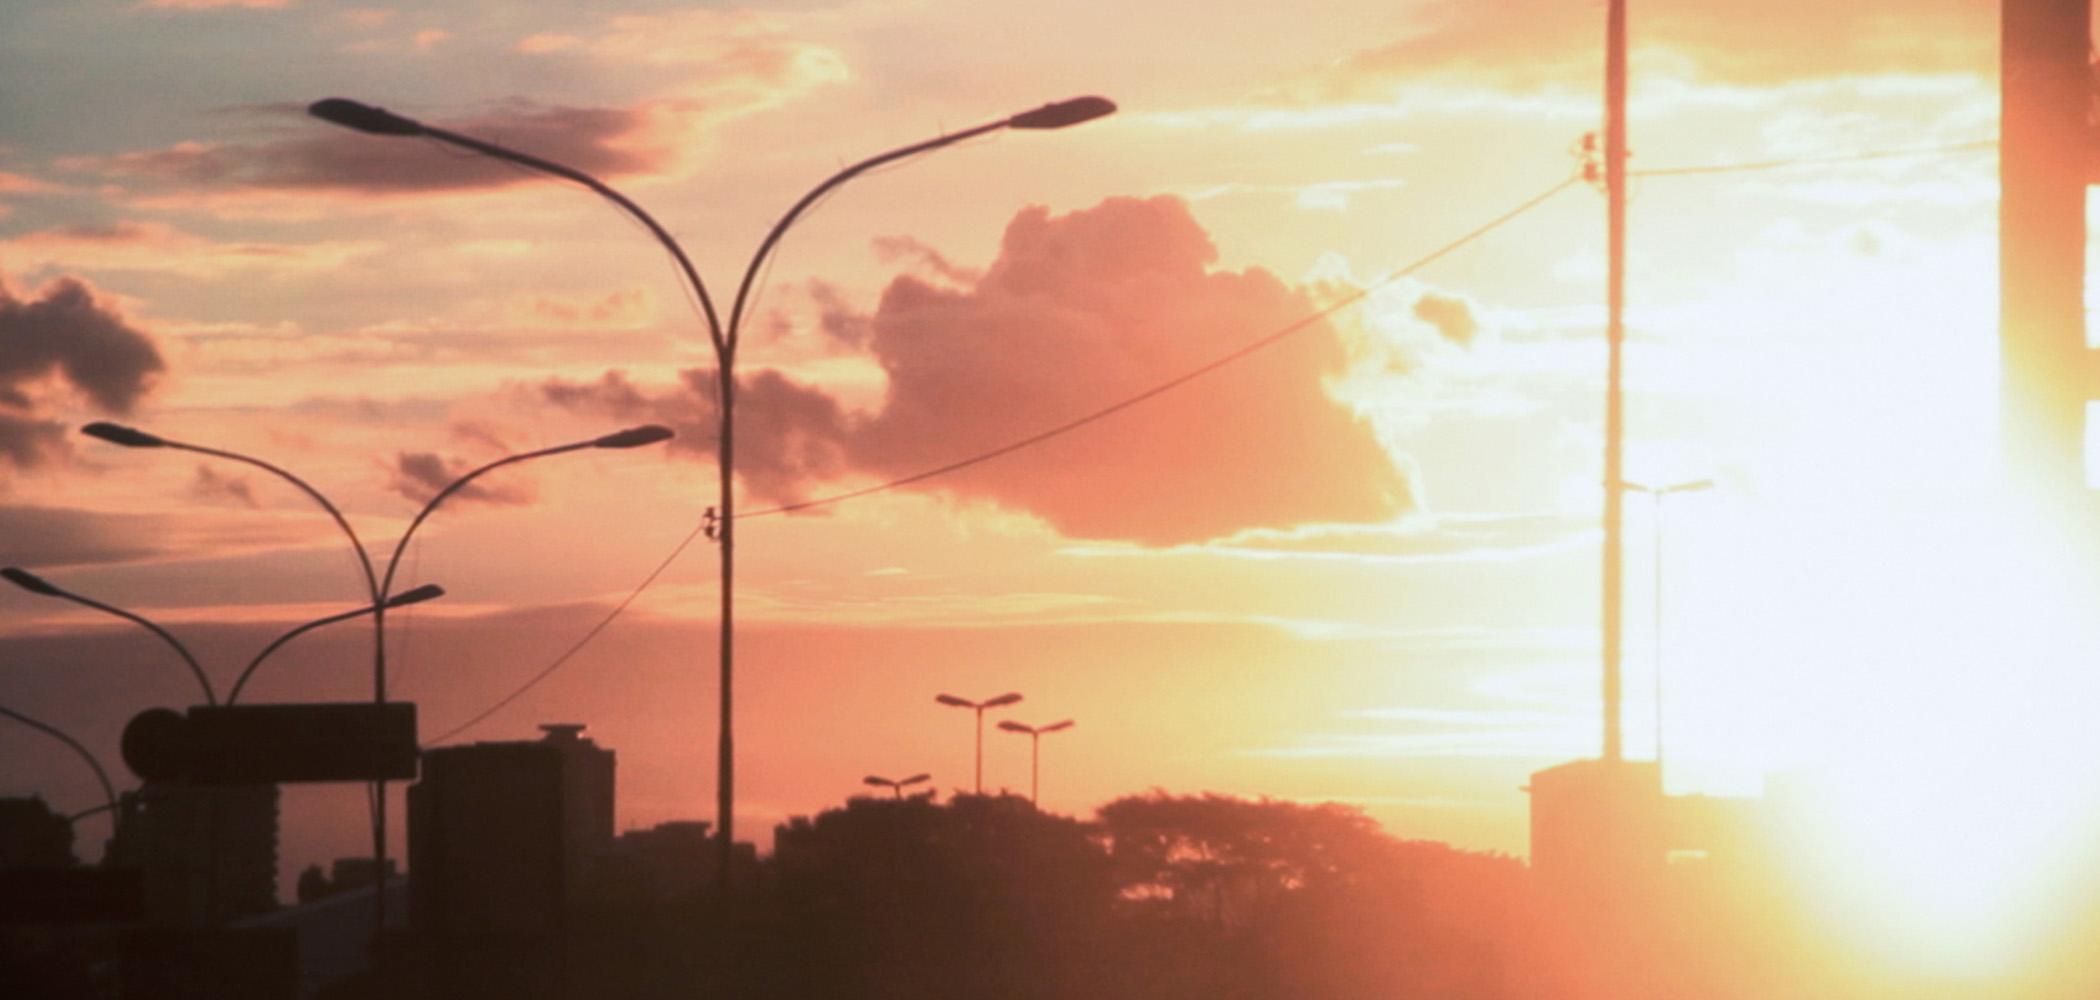 Rota de Fuga ganha prêmio no Curta Brasília